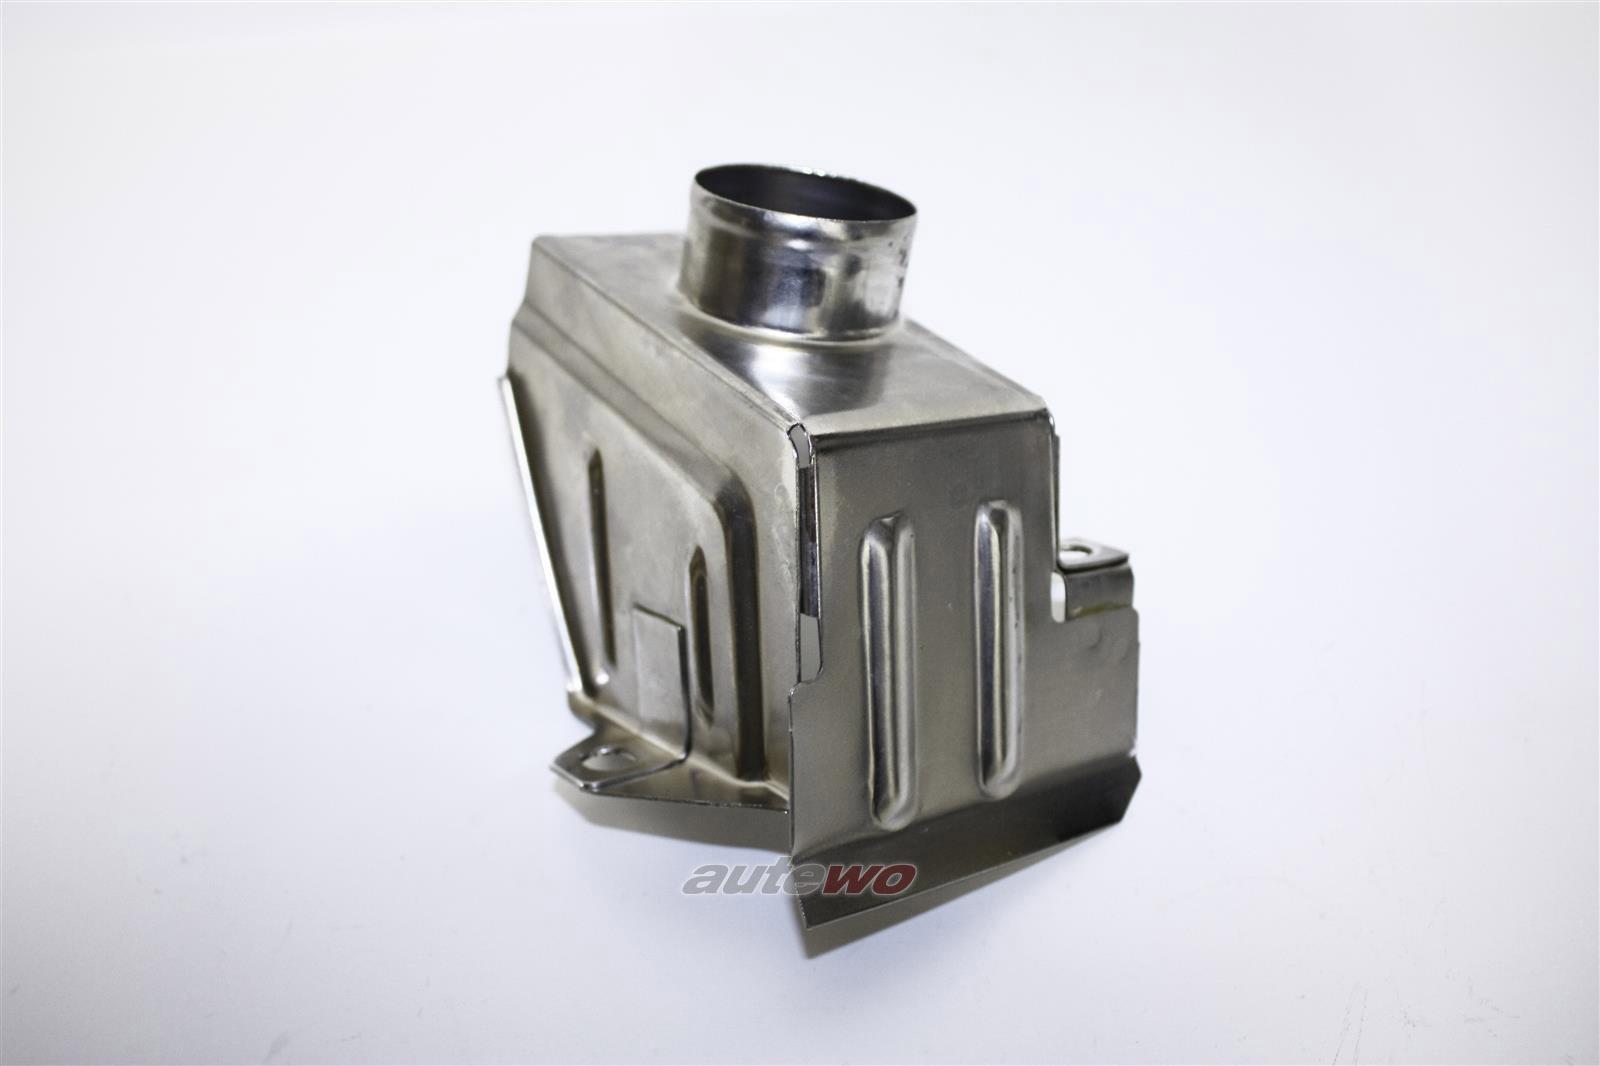 048129595 NEU Audi 80/Coupe 89/100 C4 2.0l Warmluftfangblech Abgaskrümmer